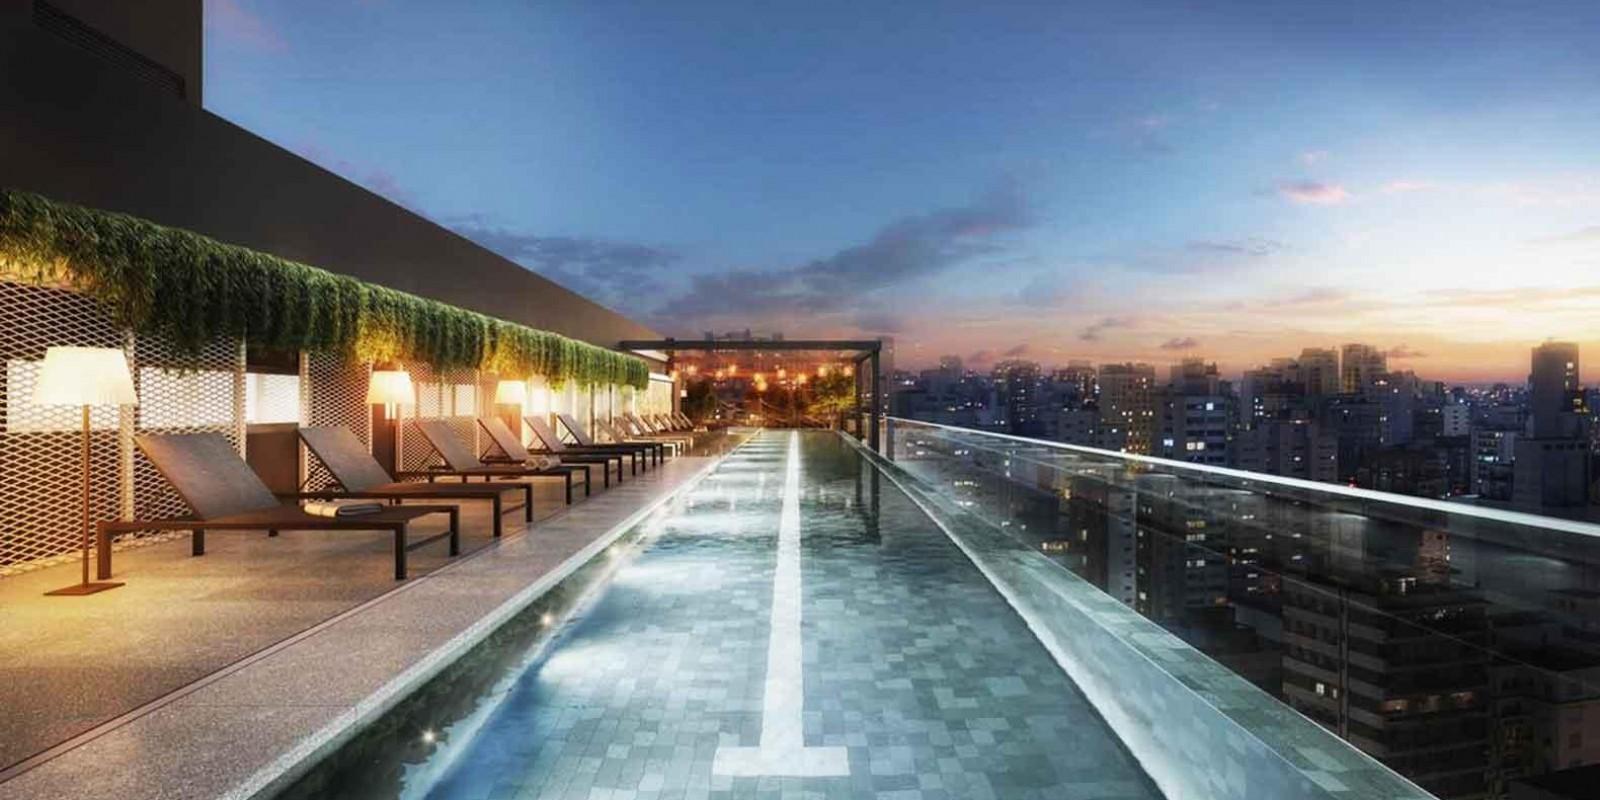 TPS Imóveis - Veja Foto 9 de 14 do Apartamento a Venda 1 e 2 Dormitórios em Porto Alegre